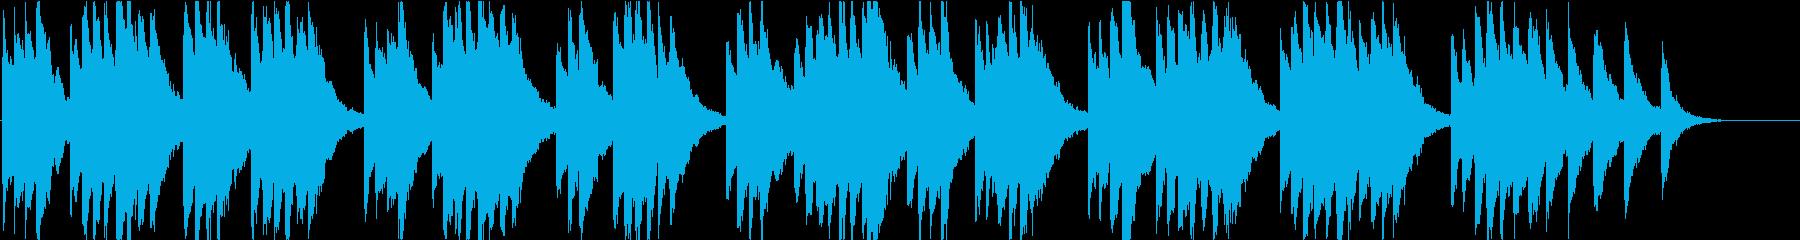 時報・チャイム風の名曲のメロディ・10の再生済みの波形